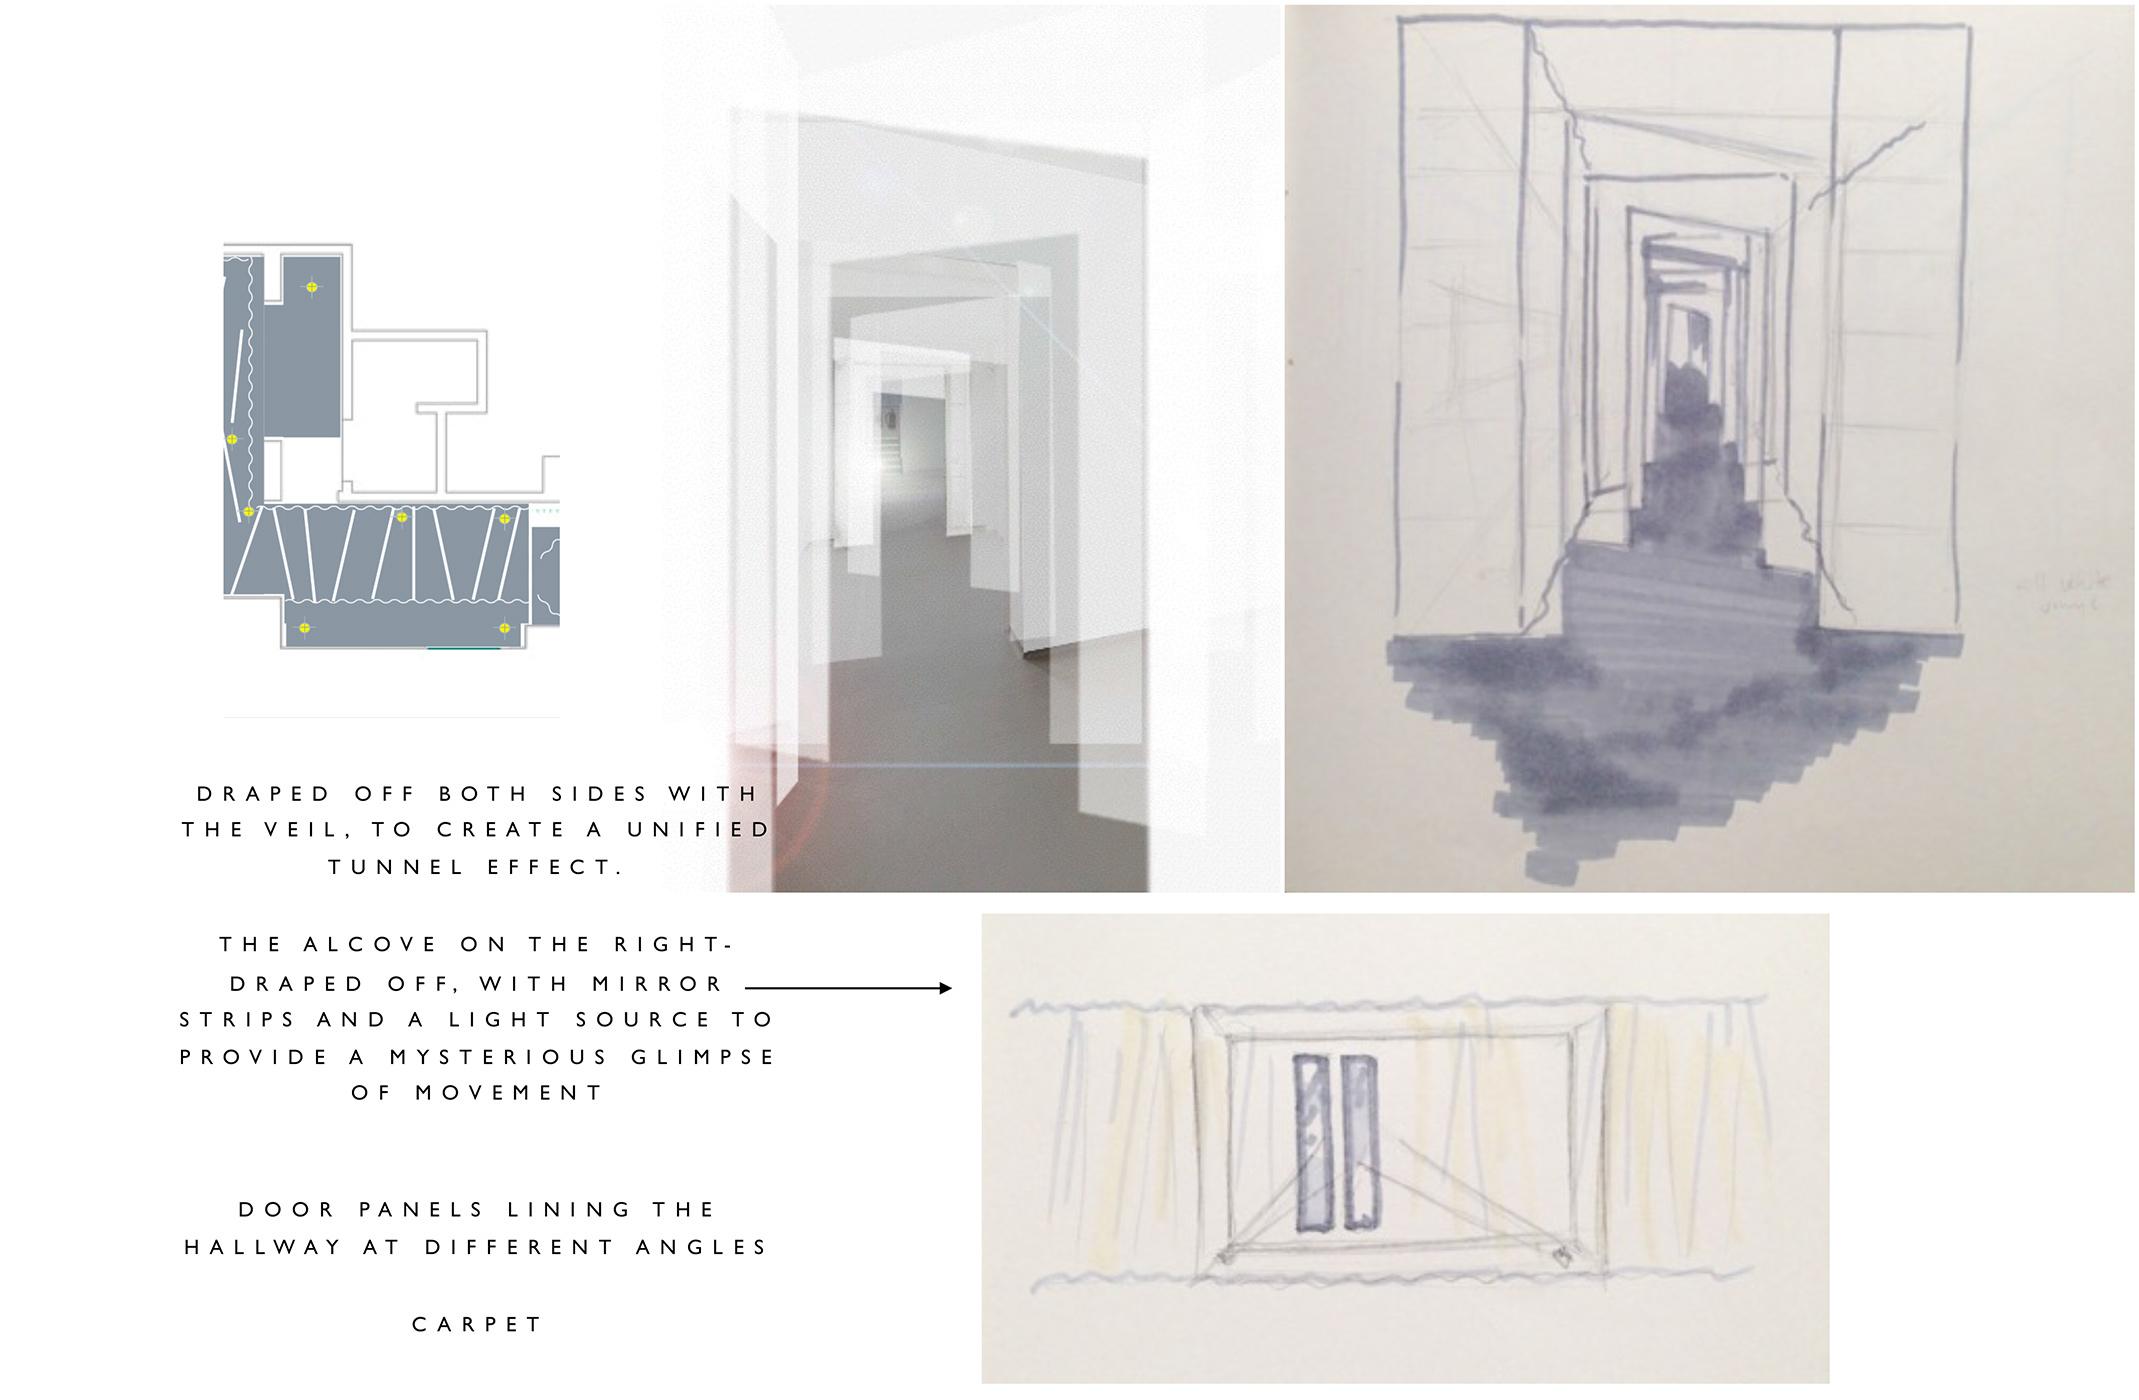 Helen Sirp Set Design Art Direction Styling